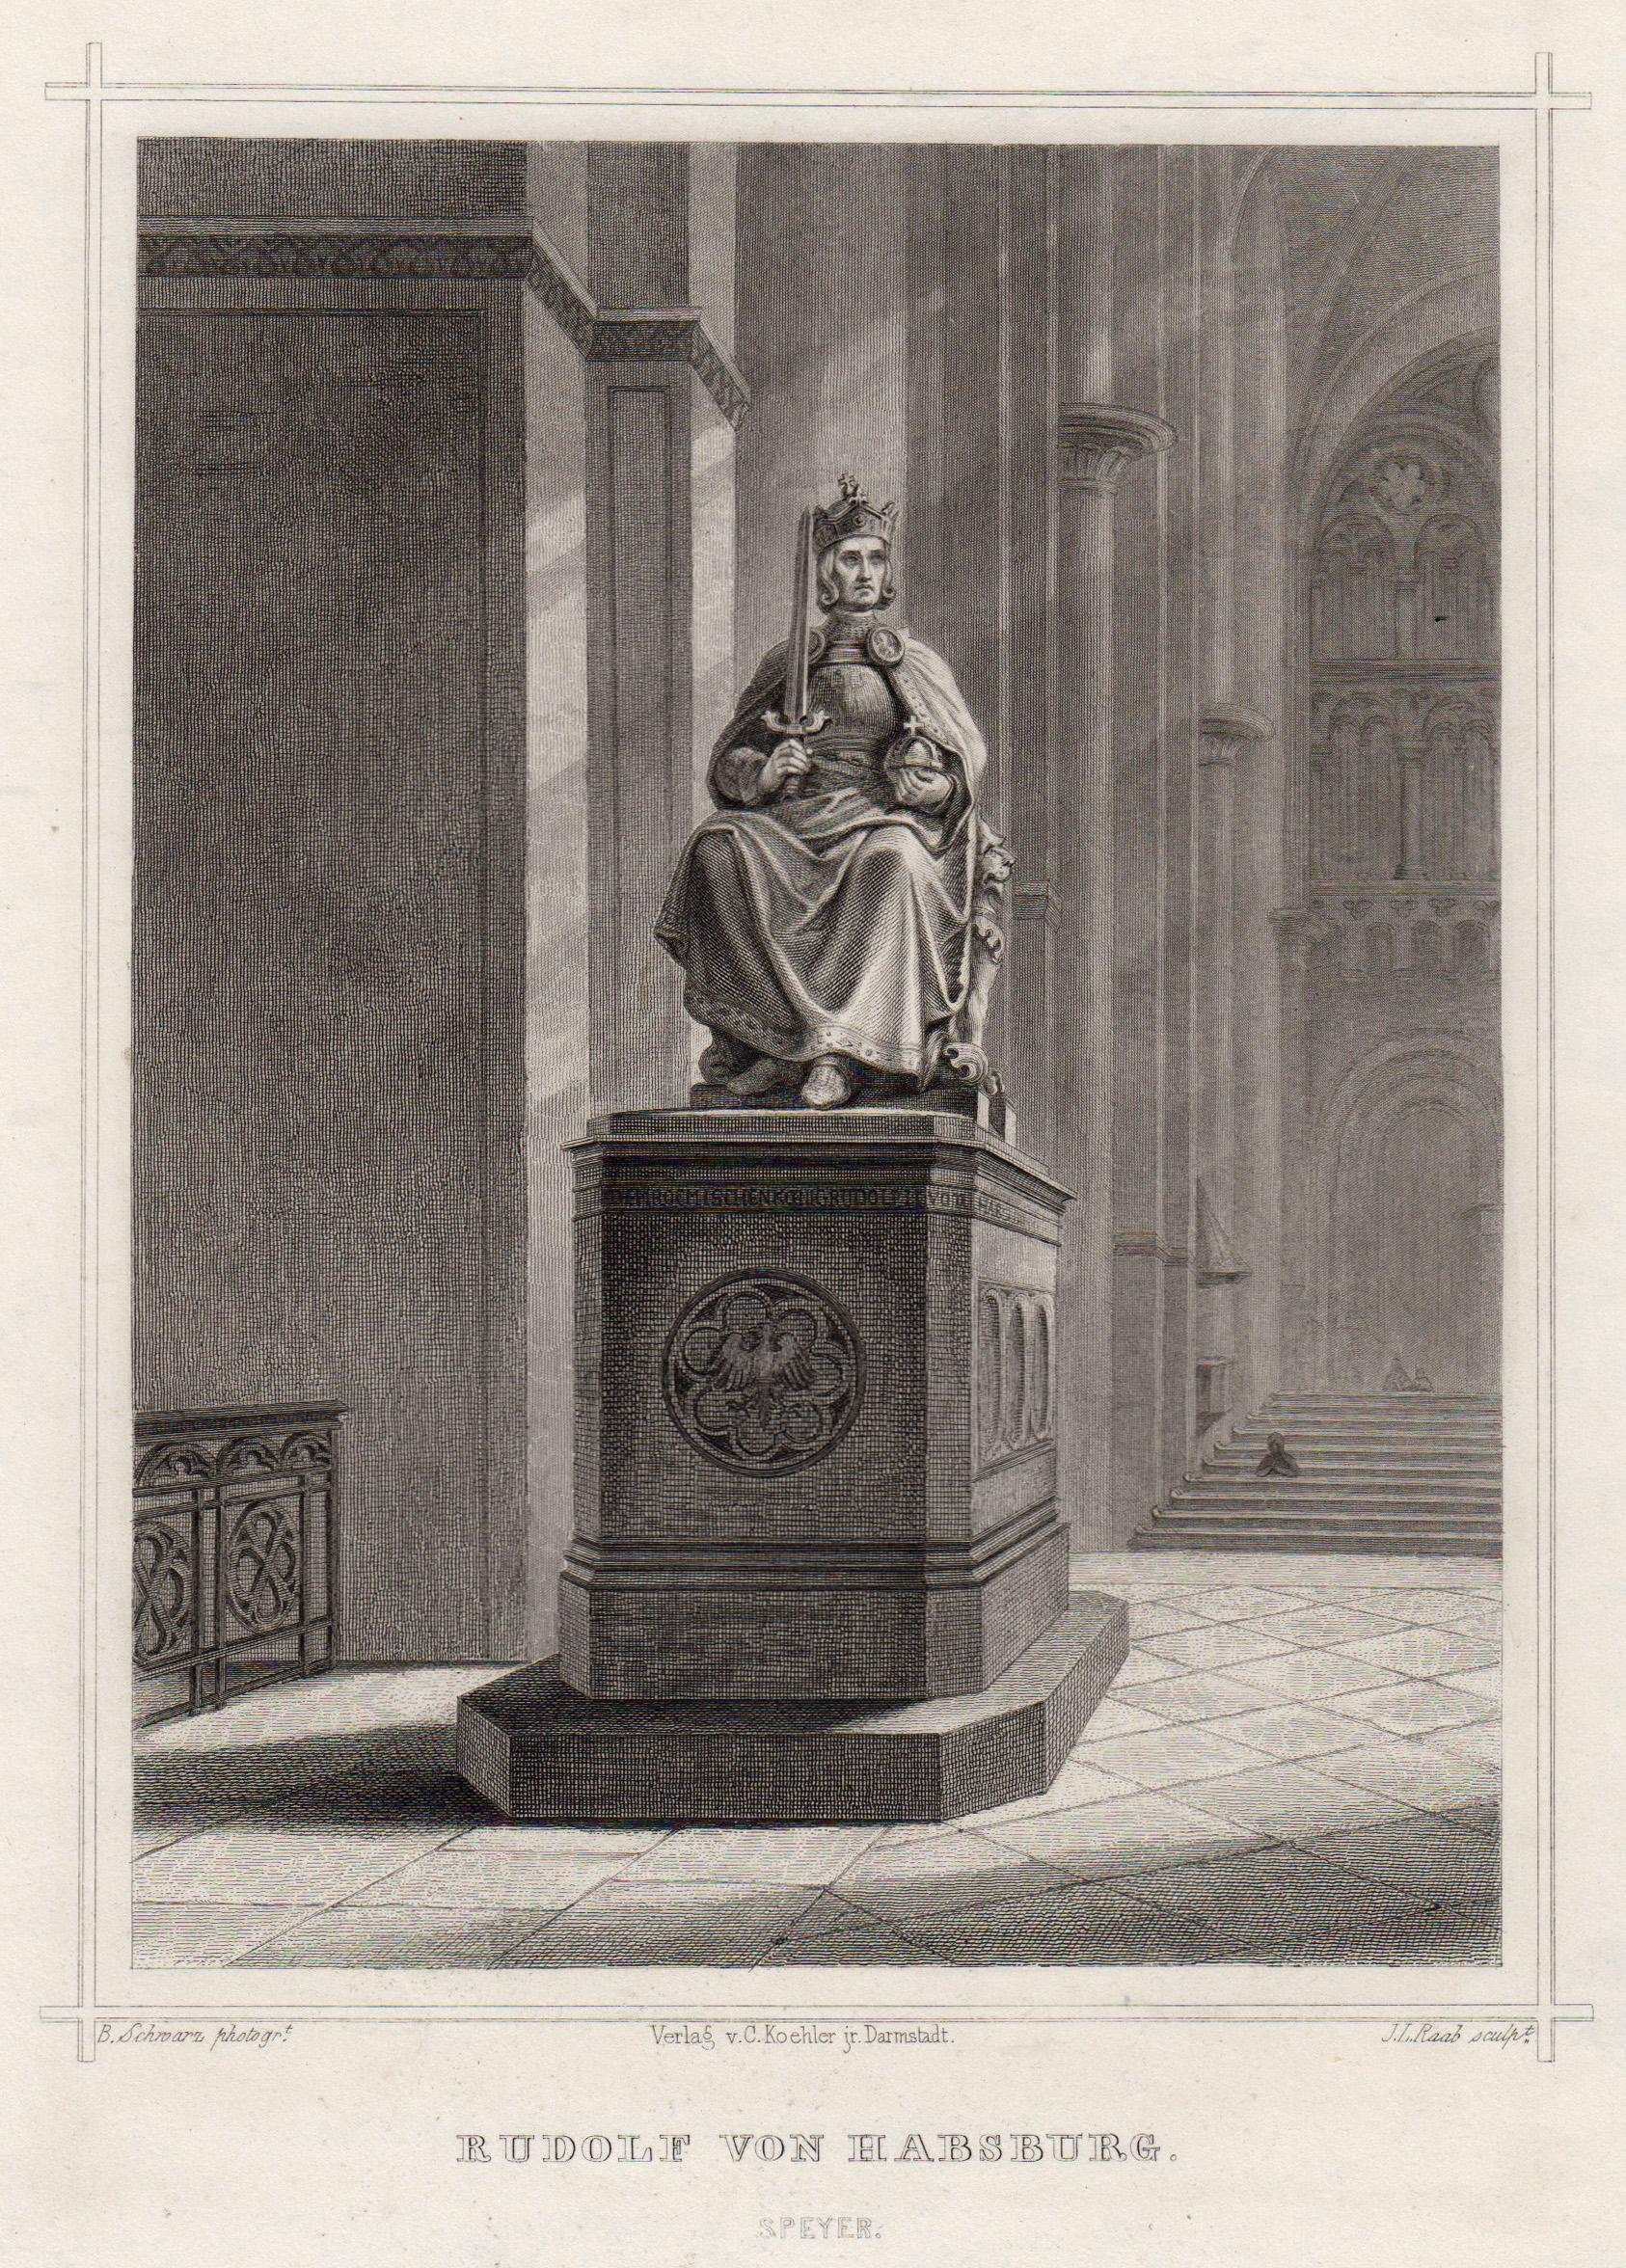 """TA., Denkmal, """"Rudolf von Habsburg"""".: Speyer:"""